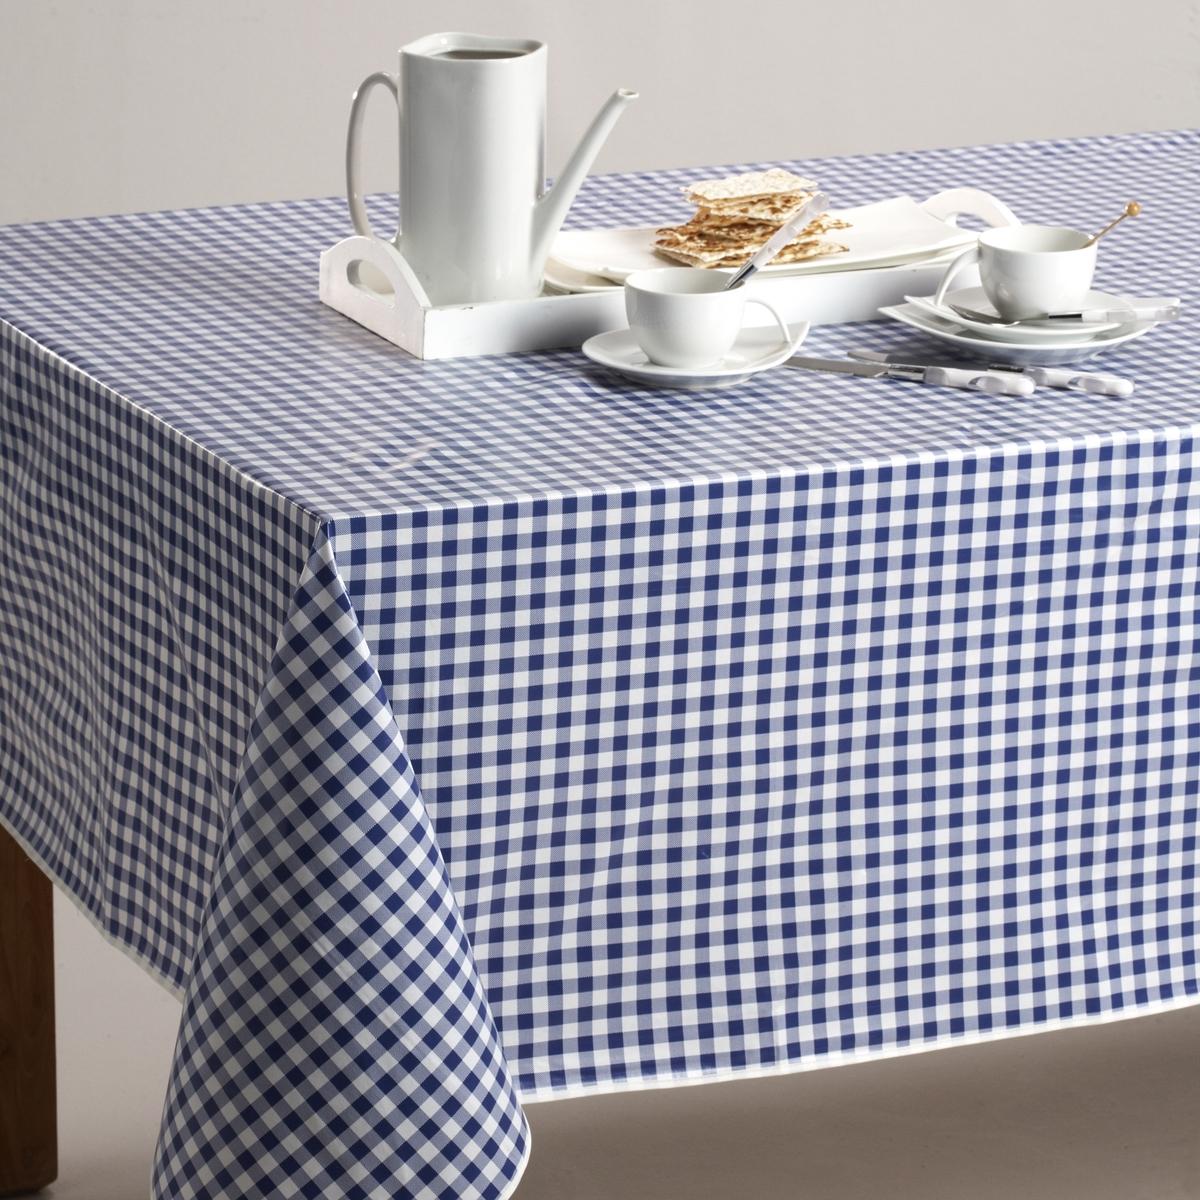 Скатерть в клетку виши, 100% хлопок с окрашенными волокнами, GARDEN PARTYТекстиль для столовой, 100% хлопок с окрашенными волокнами : гарантия качества и долговечности.<br><br>Цвет: красный/ белый,серо-коричневый,серый/ белый,синий/ белый<br>Размер: 150 cm